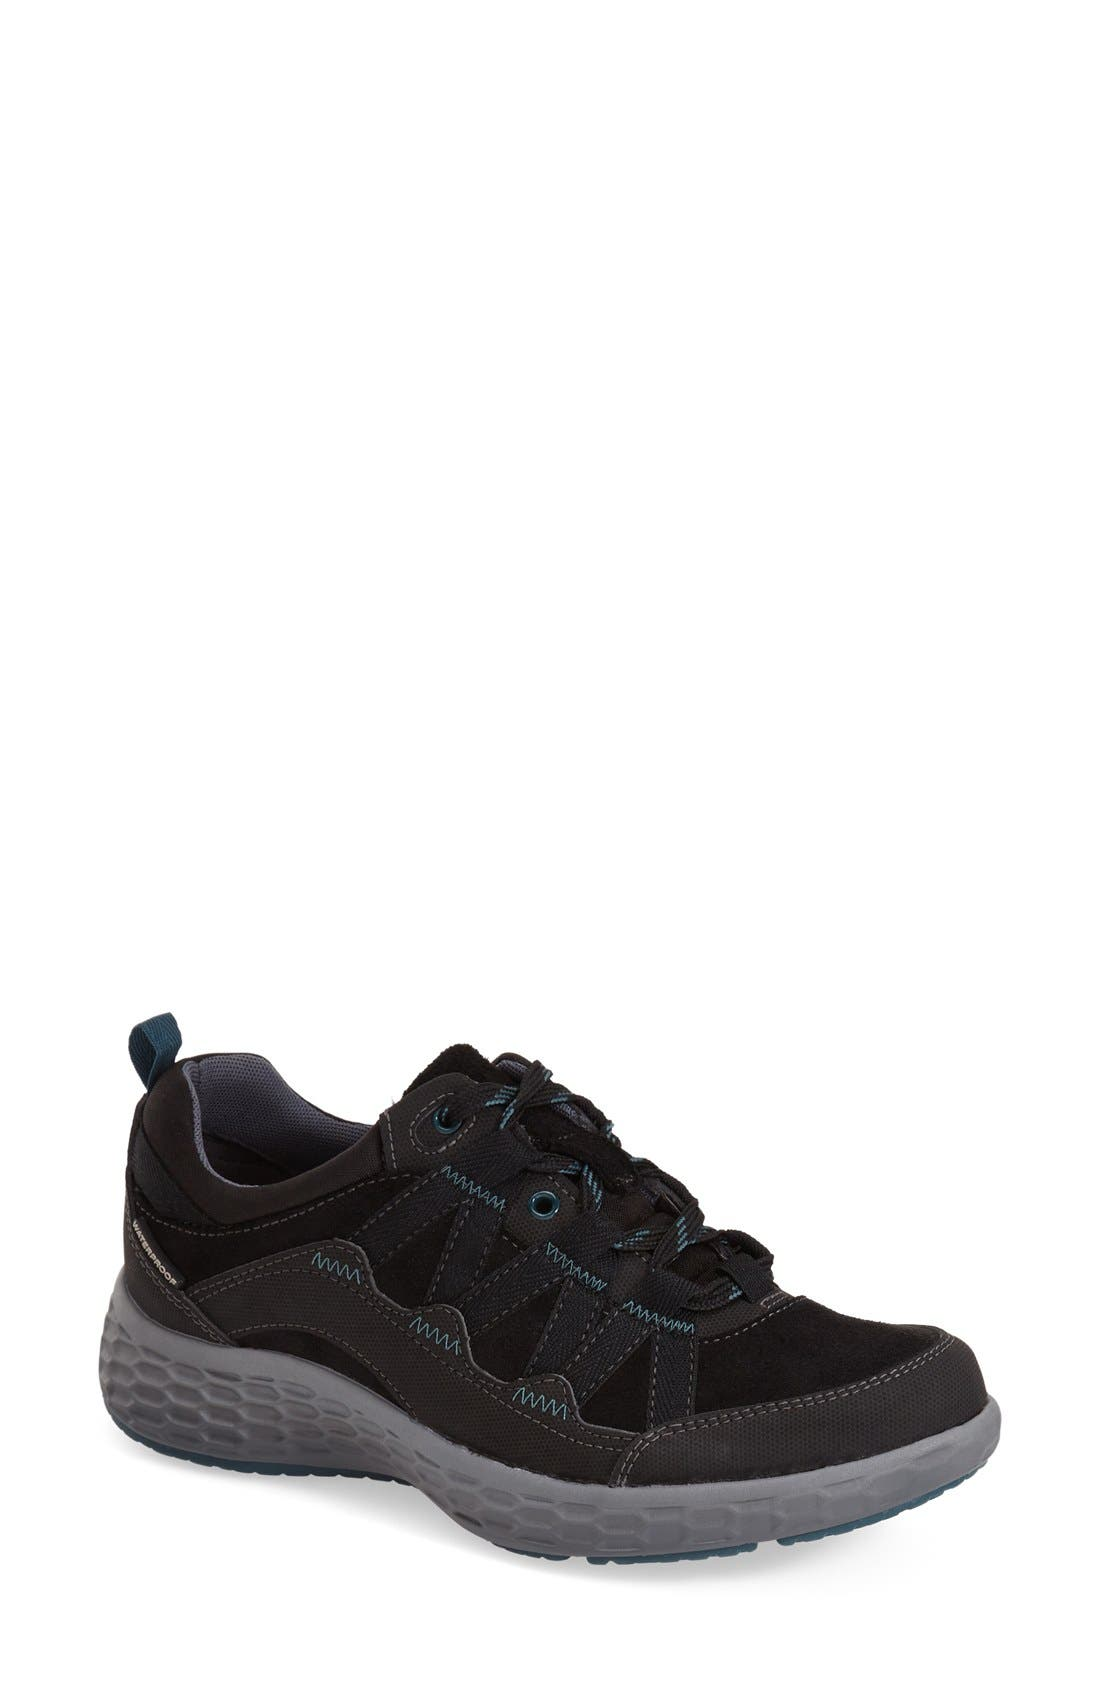 Rockport Cobb Hill 'FreshExcel' Waterproof Sneaker (Women)